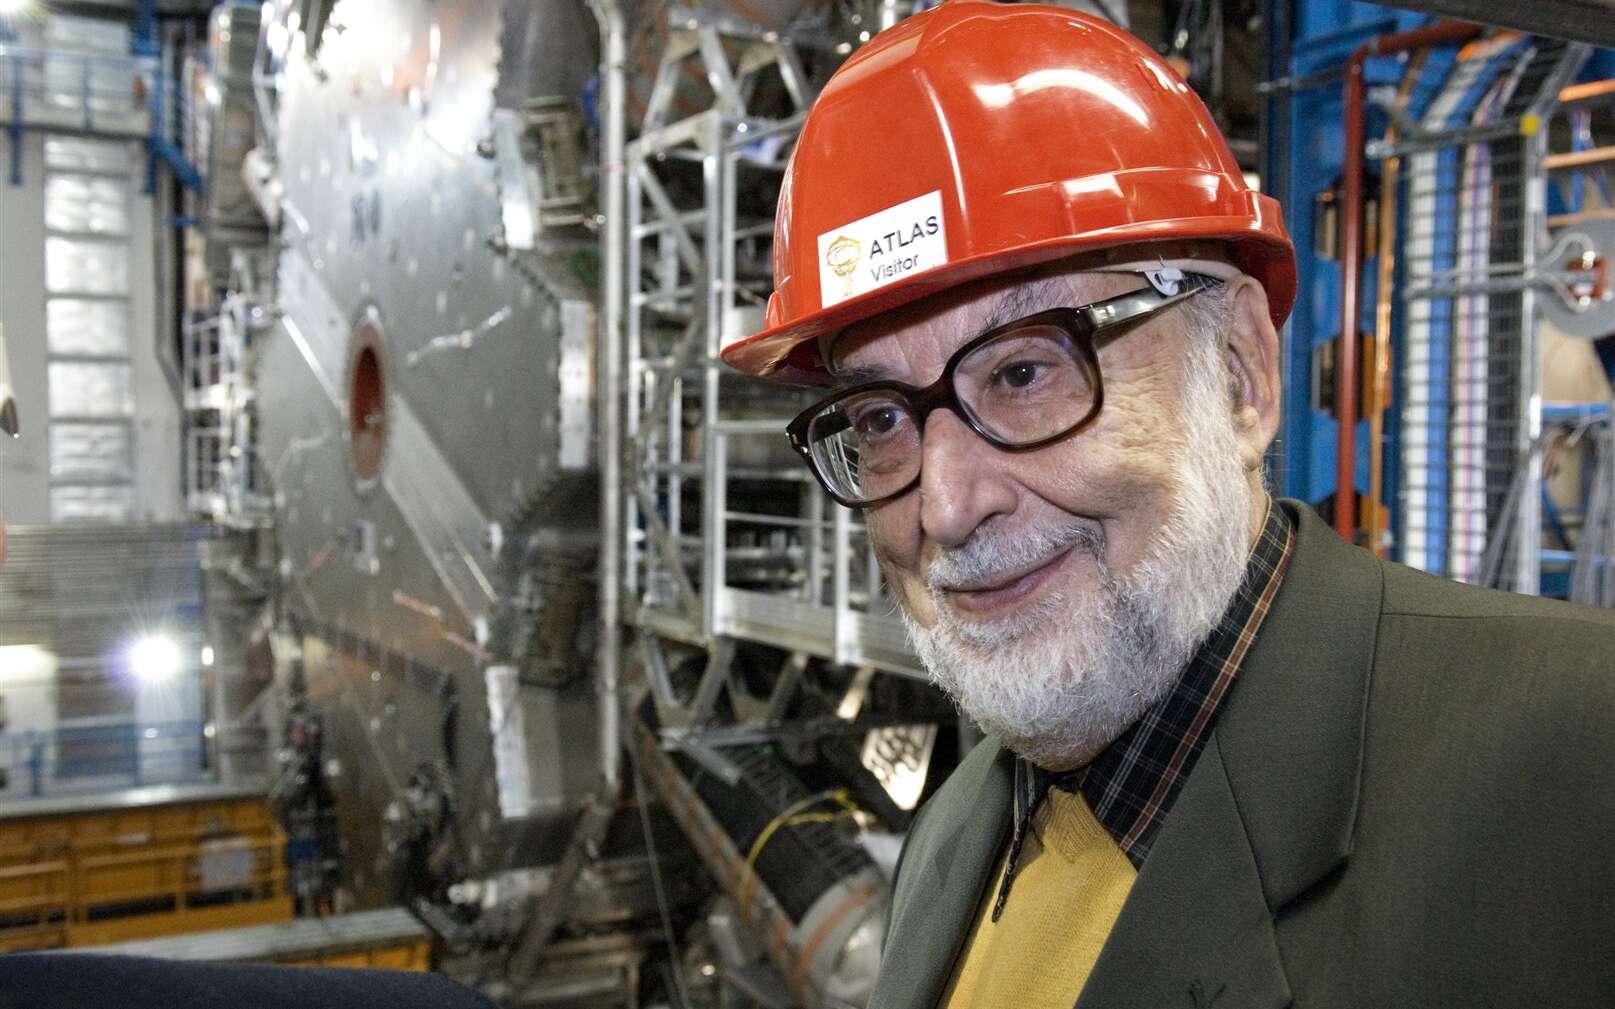 François Englert en visite au Cern, un futur Prix Nobel ? Il fait en effet partie des chercheurs qui ont parlé pour la première fois du fameux boson, appelé boson de Higgs. L'annonce qui pourrait être faite demain lui offrira-t-elle ce prix prestigieux ? © Claudia Marcelloni